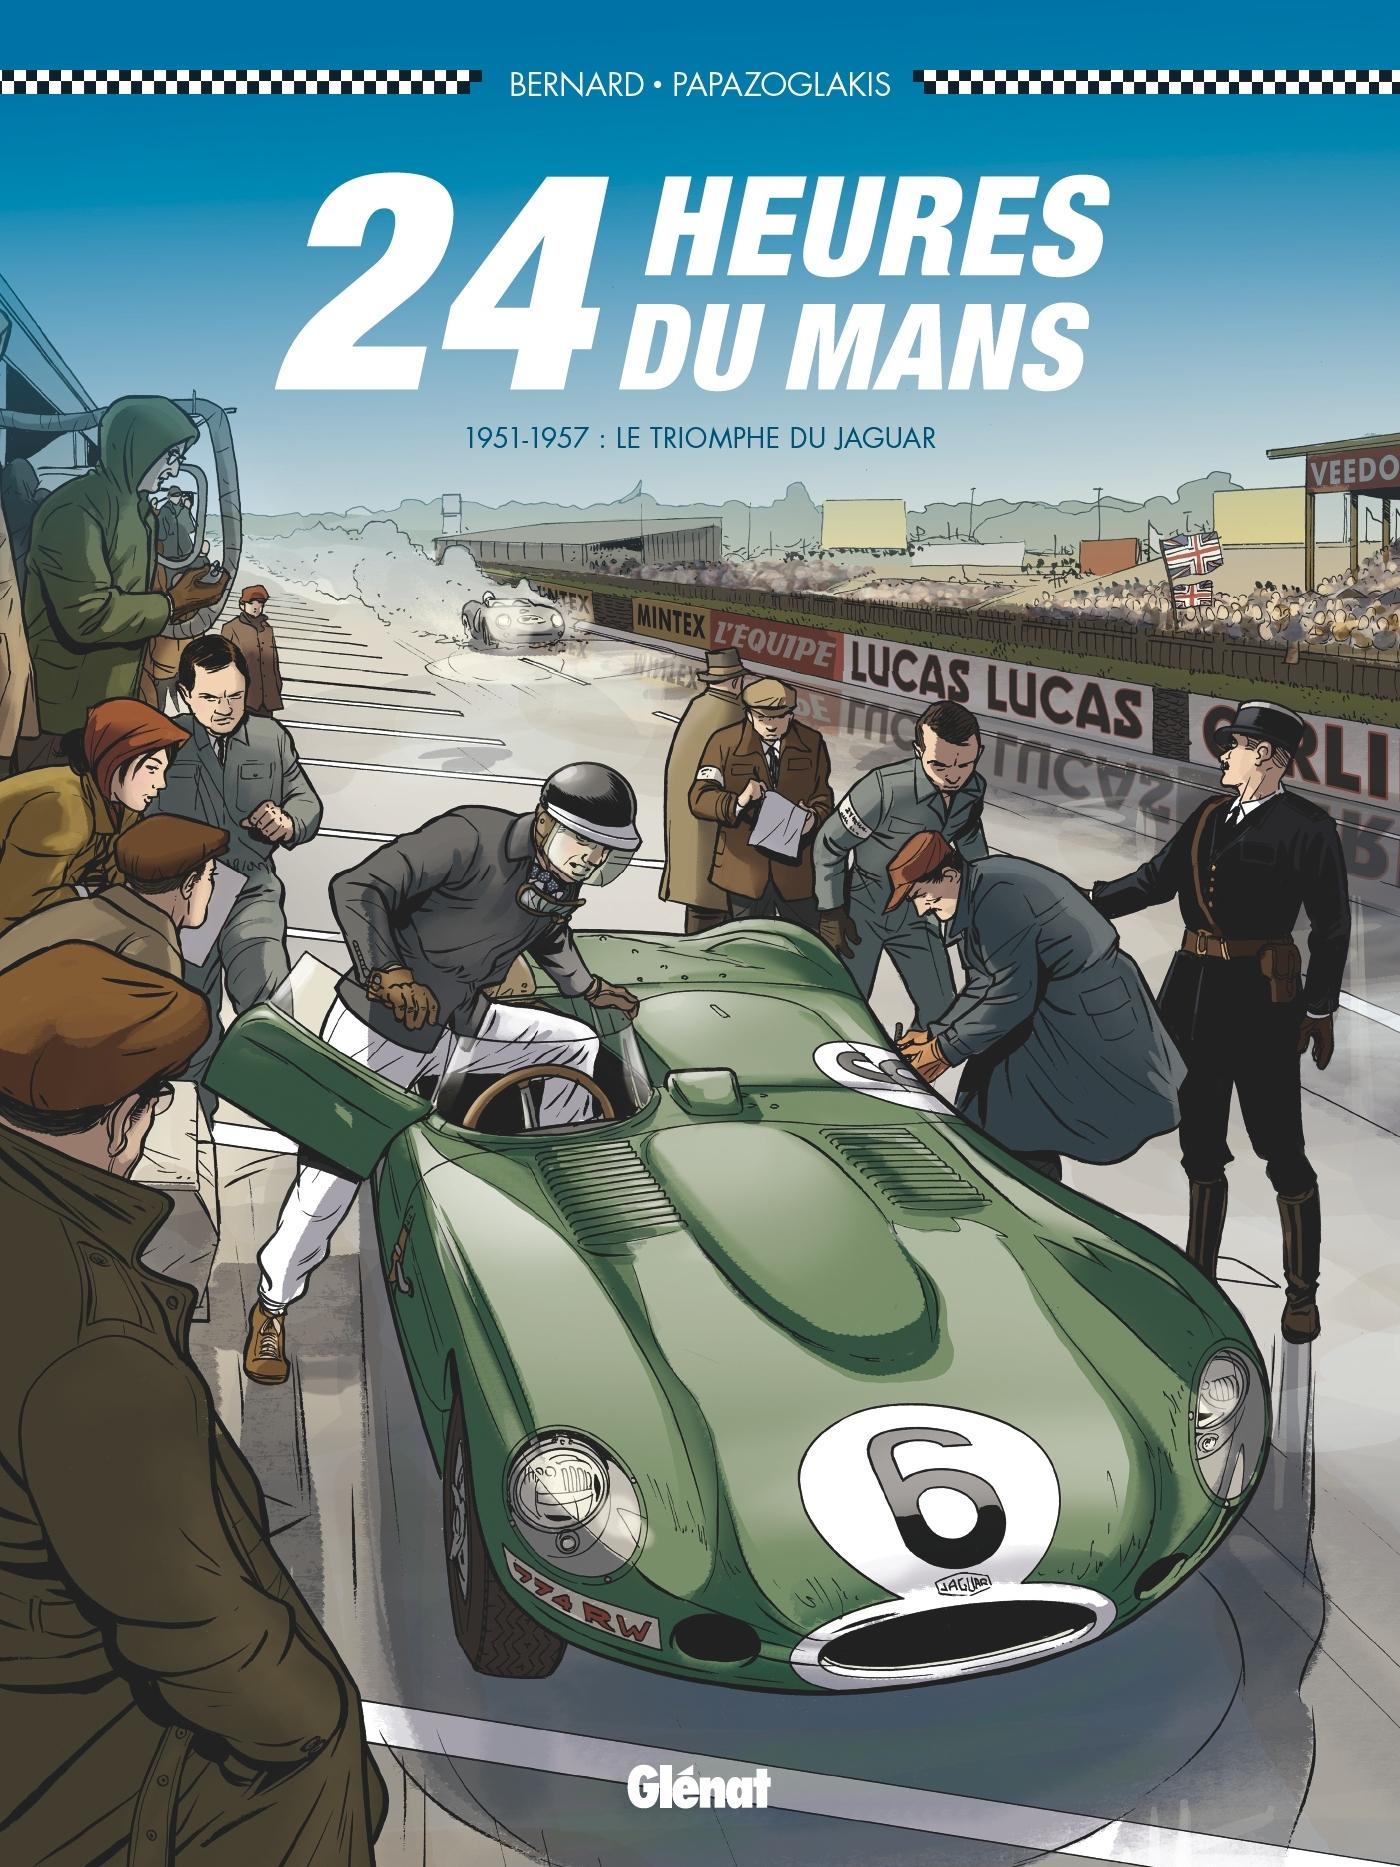 24 HEURES DU MANS - 1951-1957 - T4 - LE TRIOMPHE DE JAGUAR